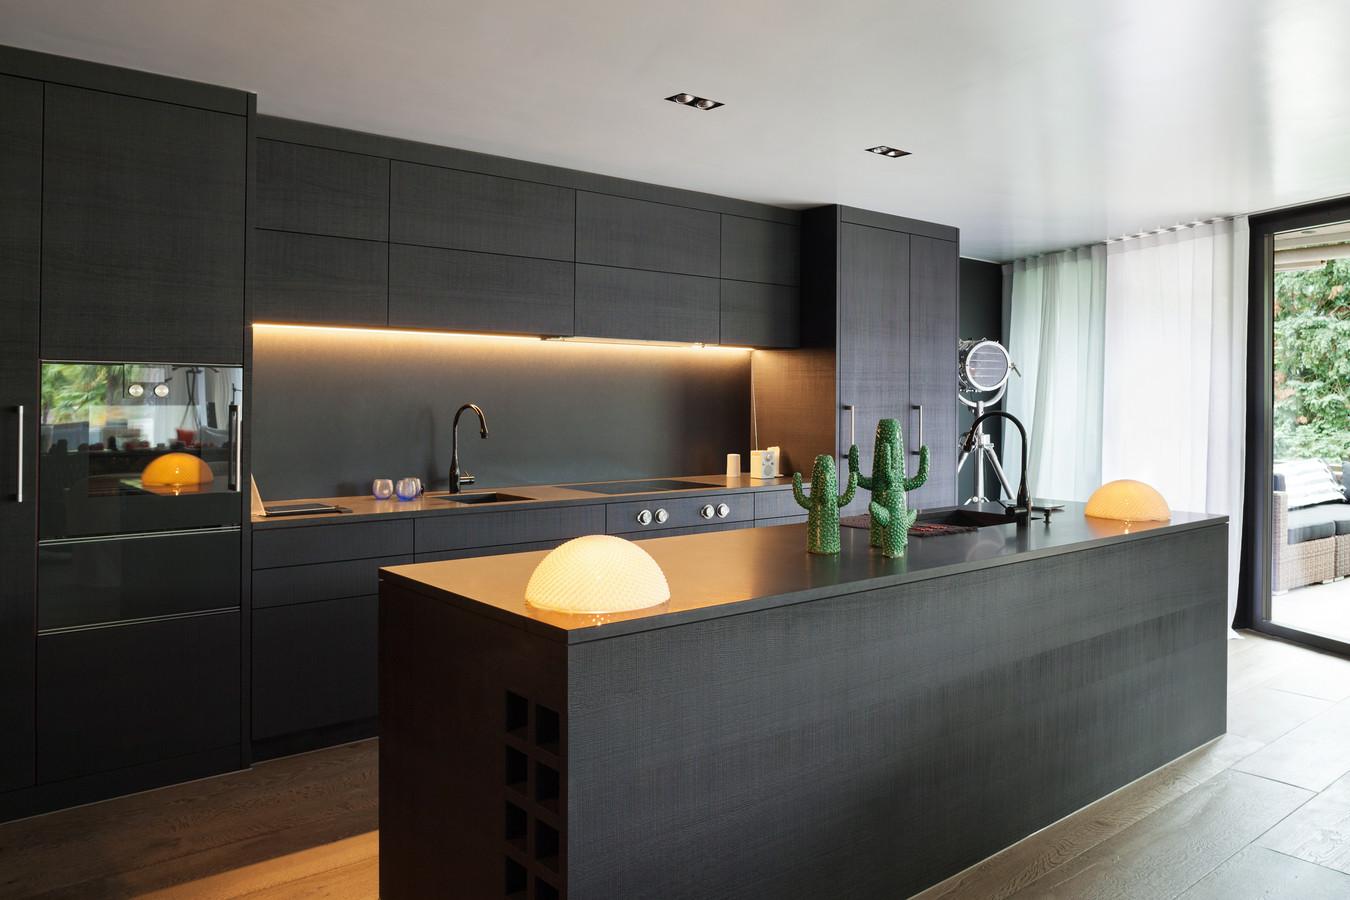 Moderne keukens zijn in een op de drie gevallen hoofdzakelijk zwart.